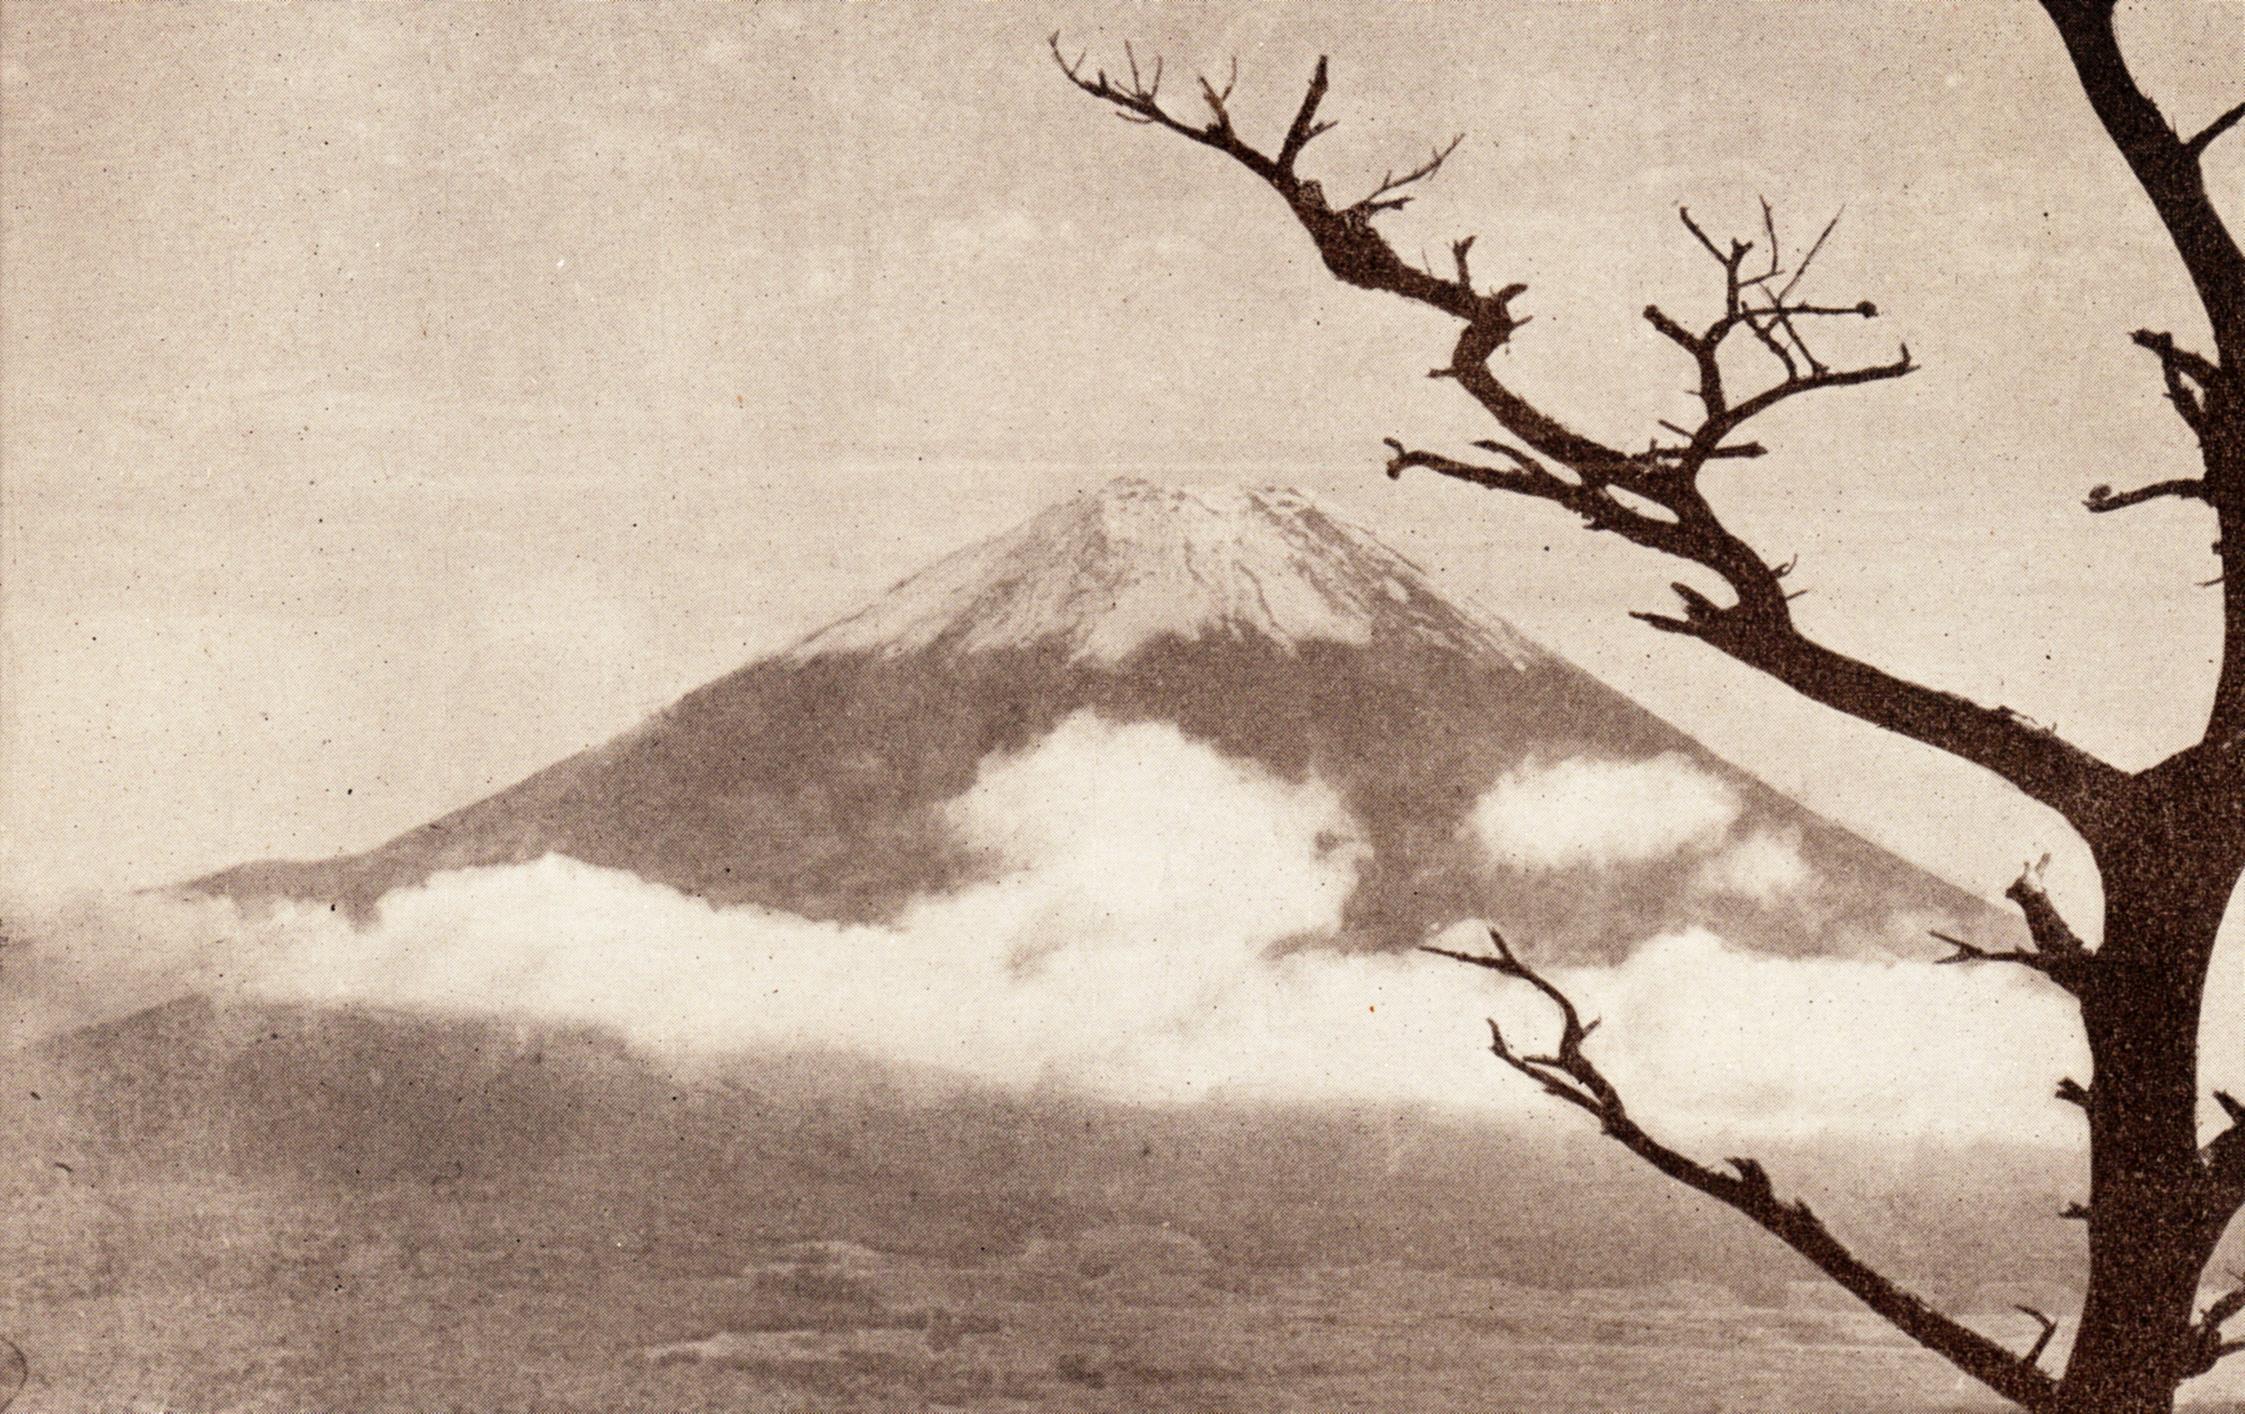 Antique prints of Japan